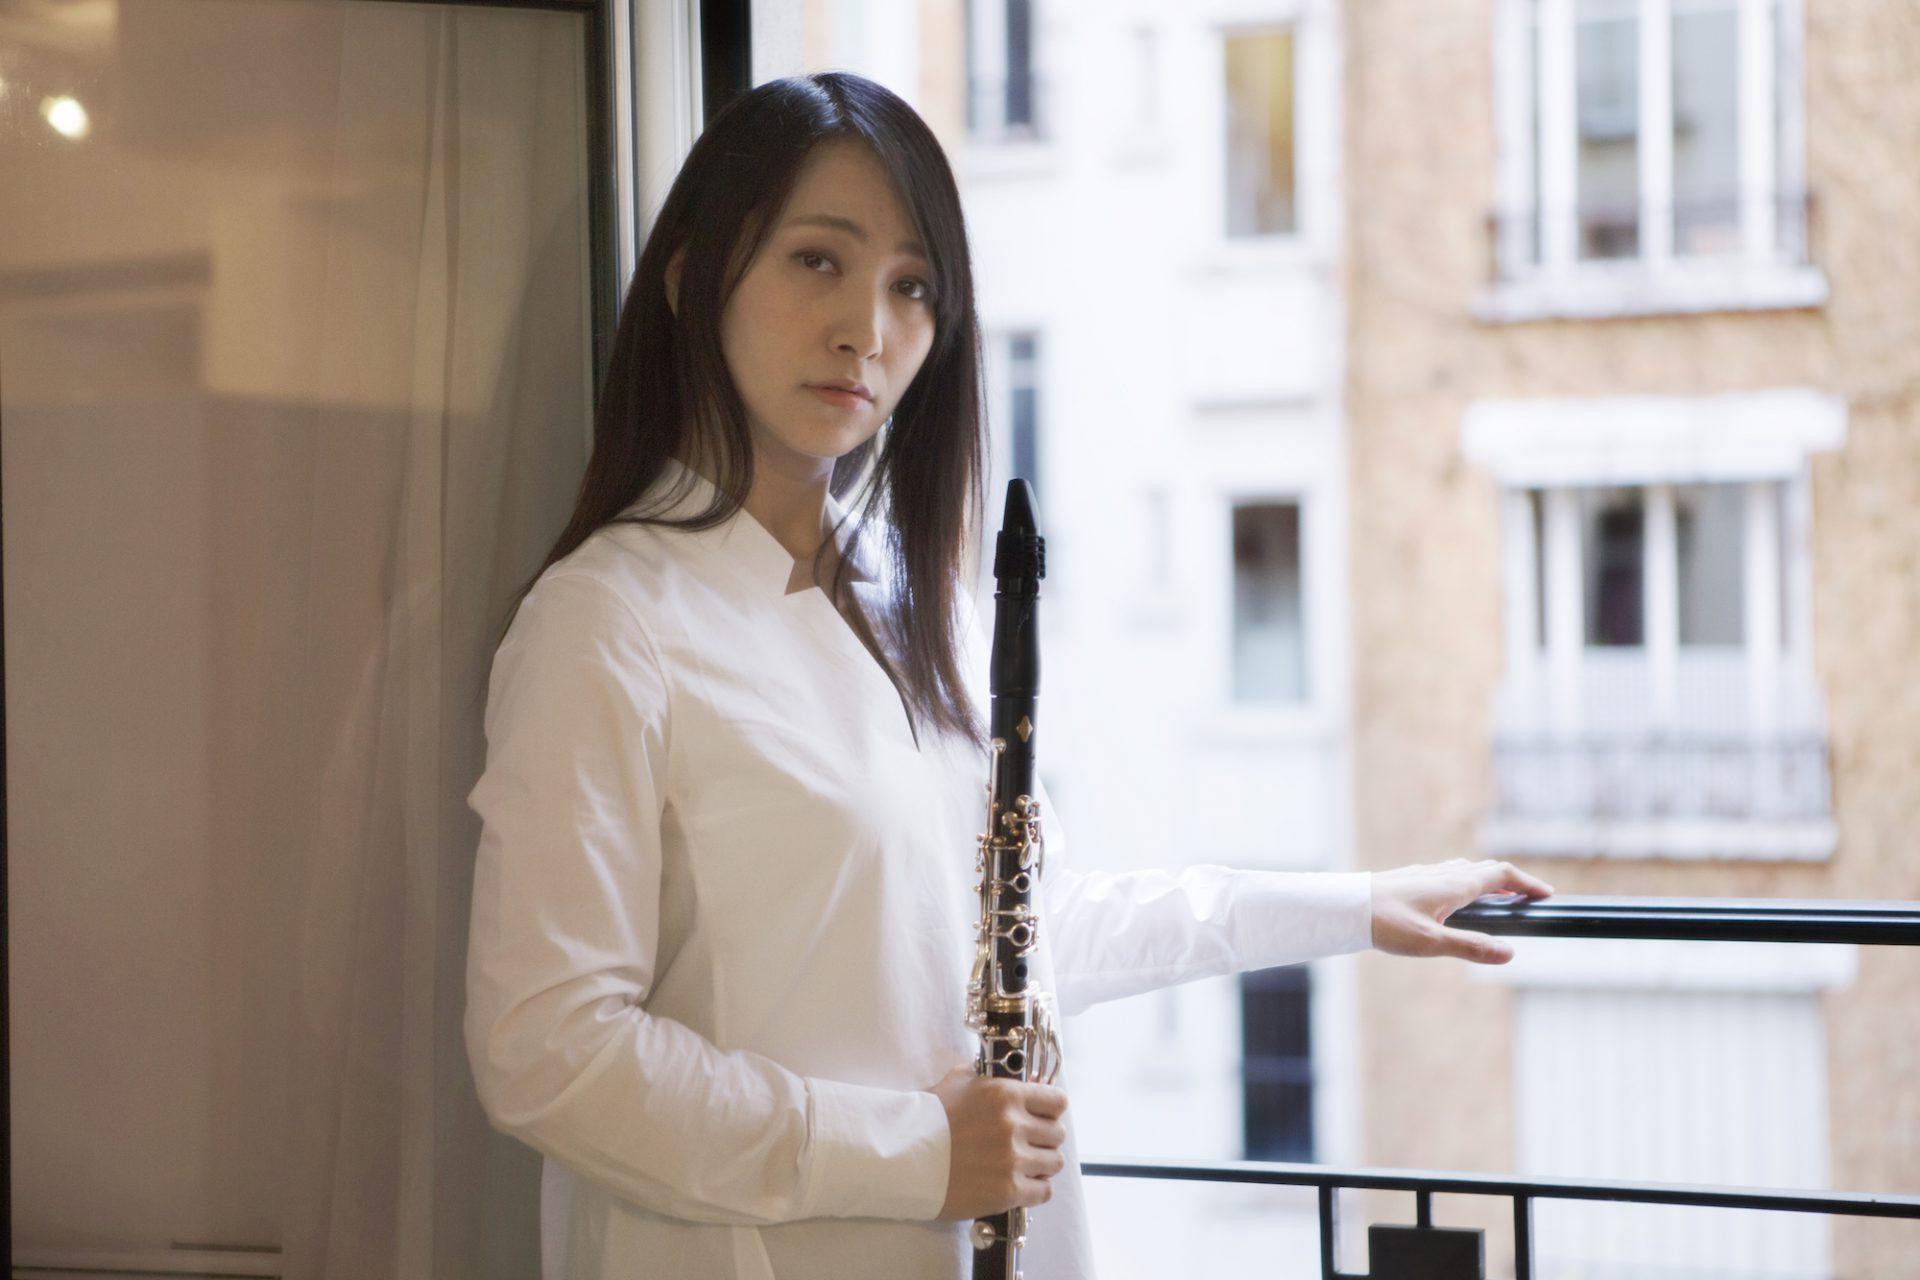 クラリネット奏者 吉田佐和子オフィシャルブログ